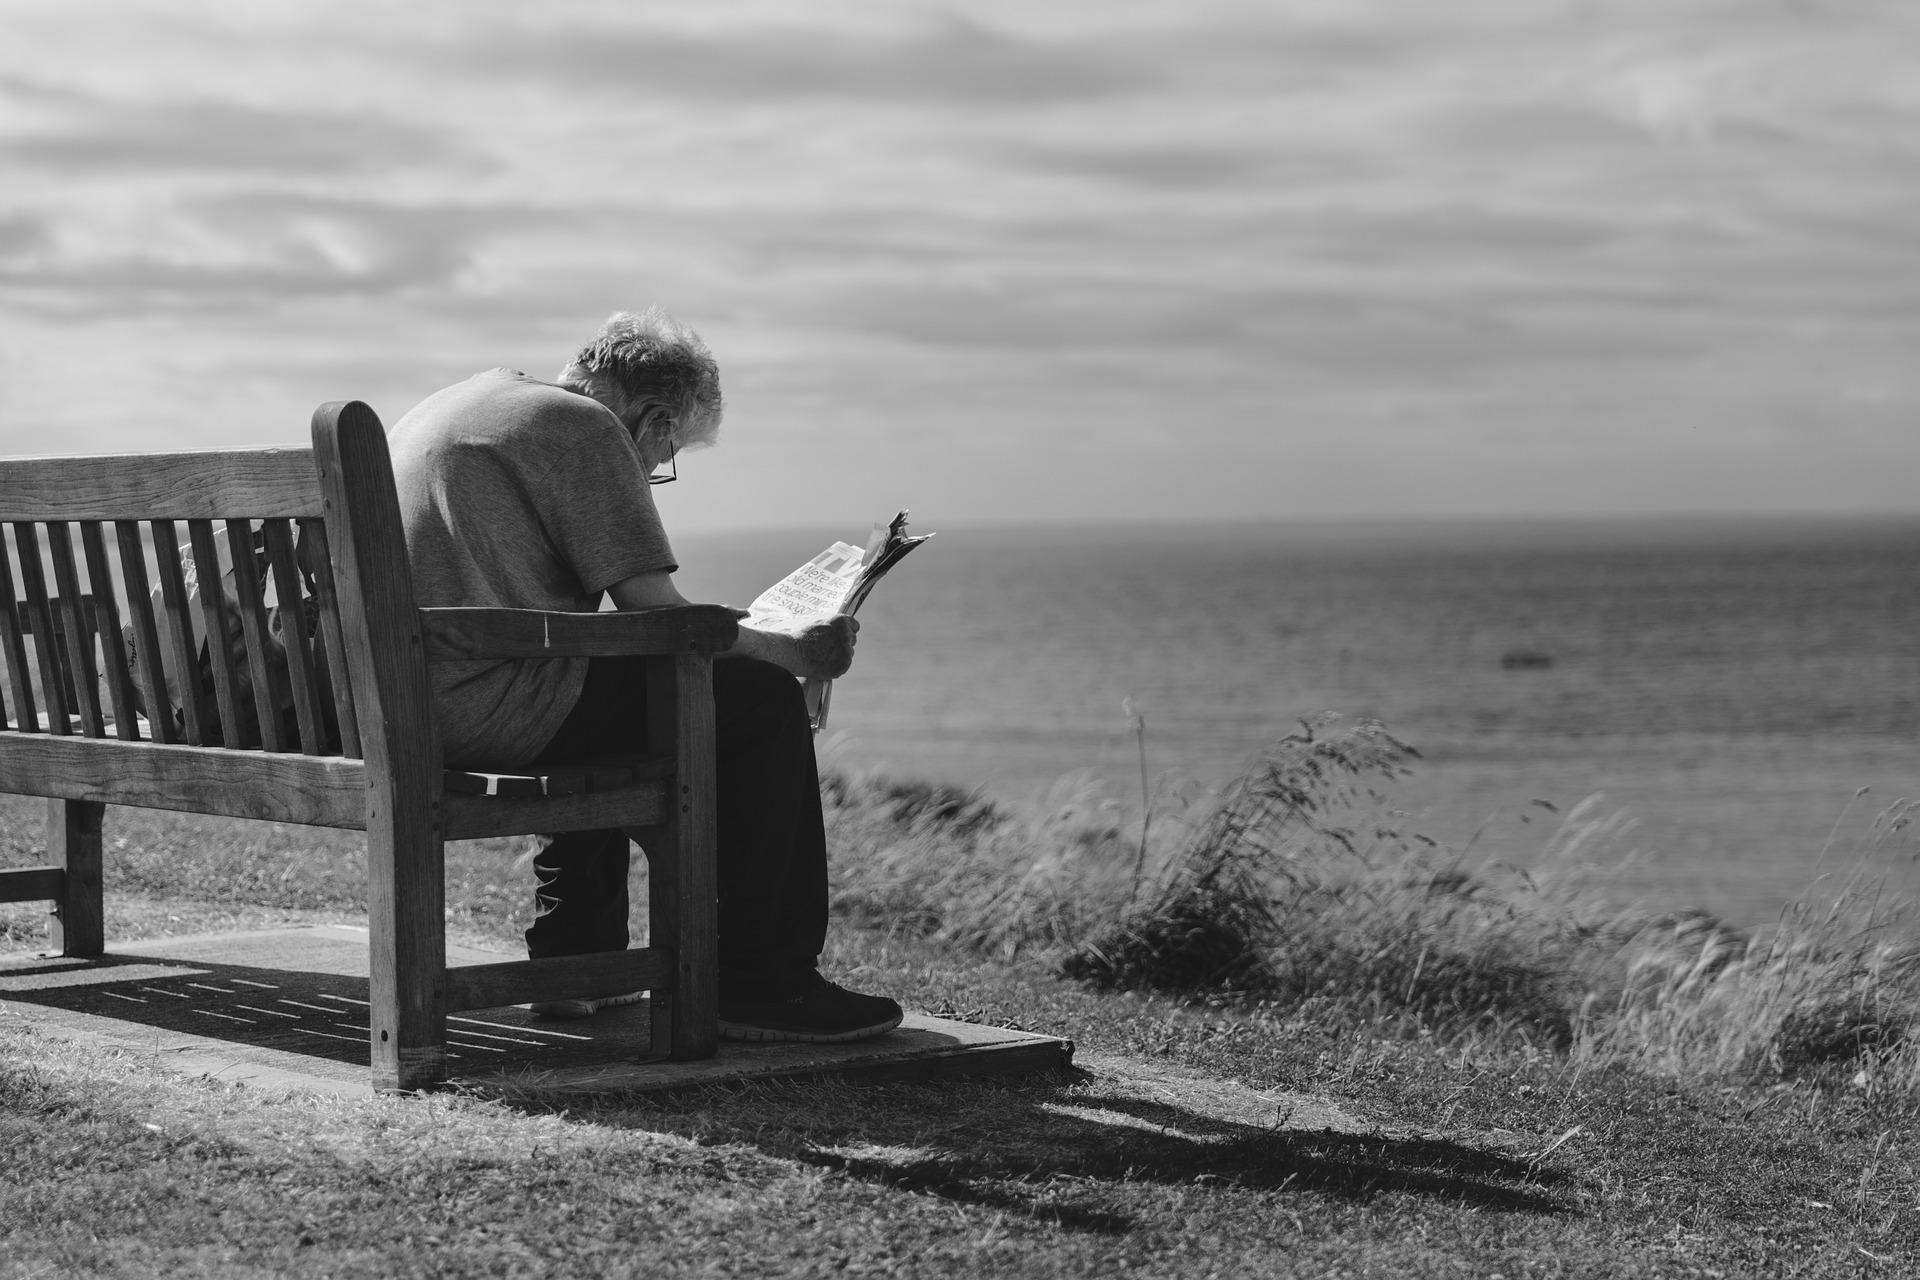 Älterer Mensch auf einer Bank. Der Puls in Ruhe ist abhängig vom Alter.